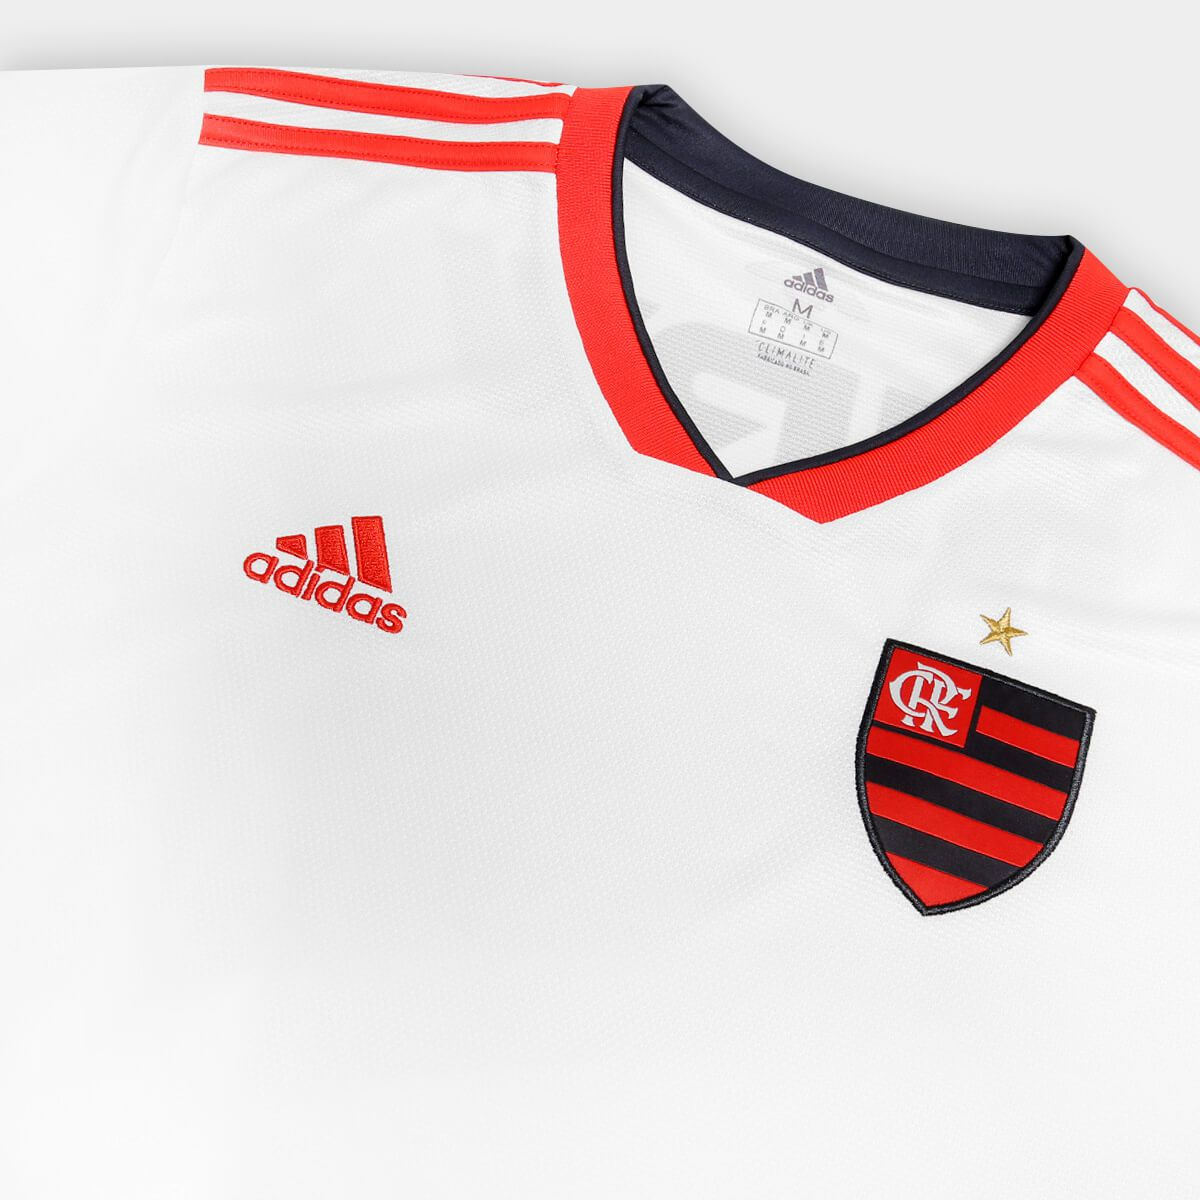 cf0c7a05bcbd8 Camisa Masculina Adidas Dj2721 Flamengo Ii - BRACIA SHOP  Loja de ...